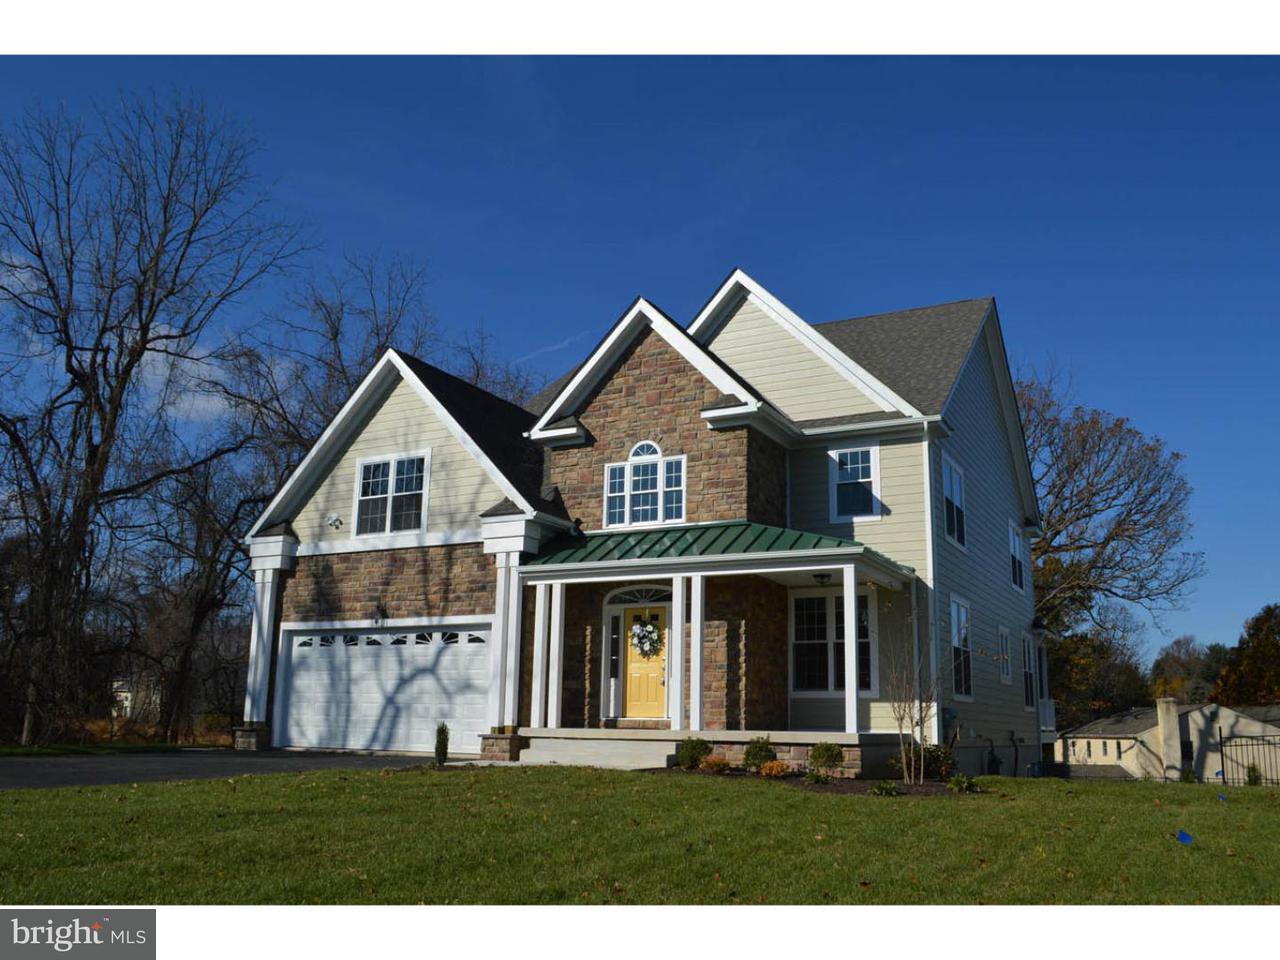 Частный односемейный дом для того Продажа на 109 FOX HOLLOW Lane Broomall, Пенсильвания 19008 Соединенные Штаты